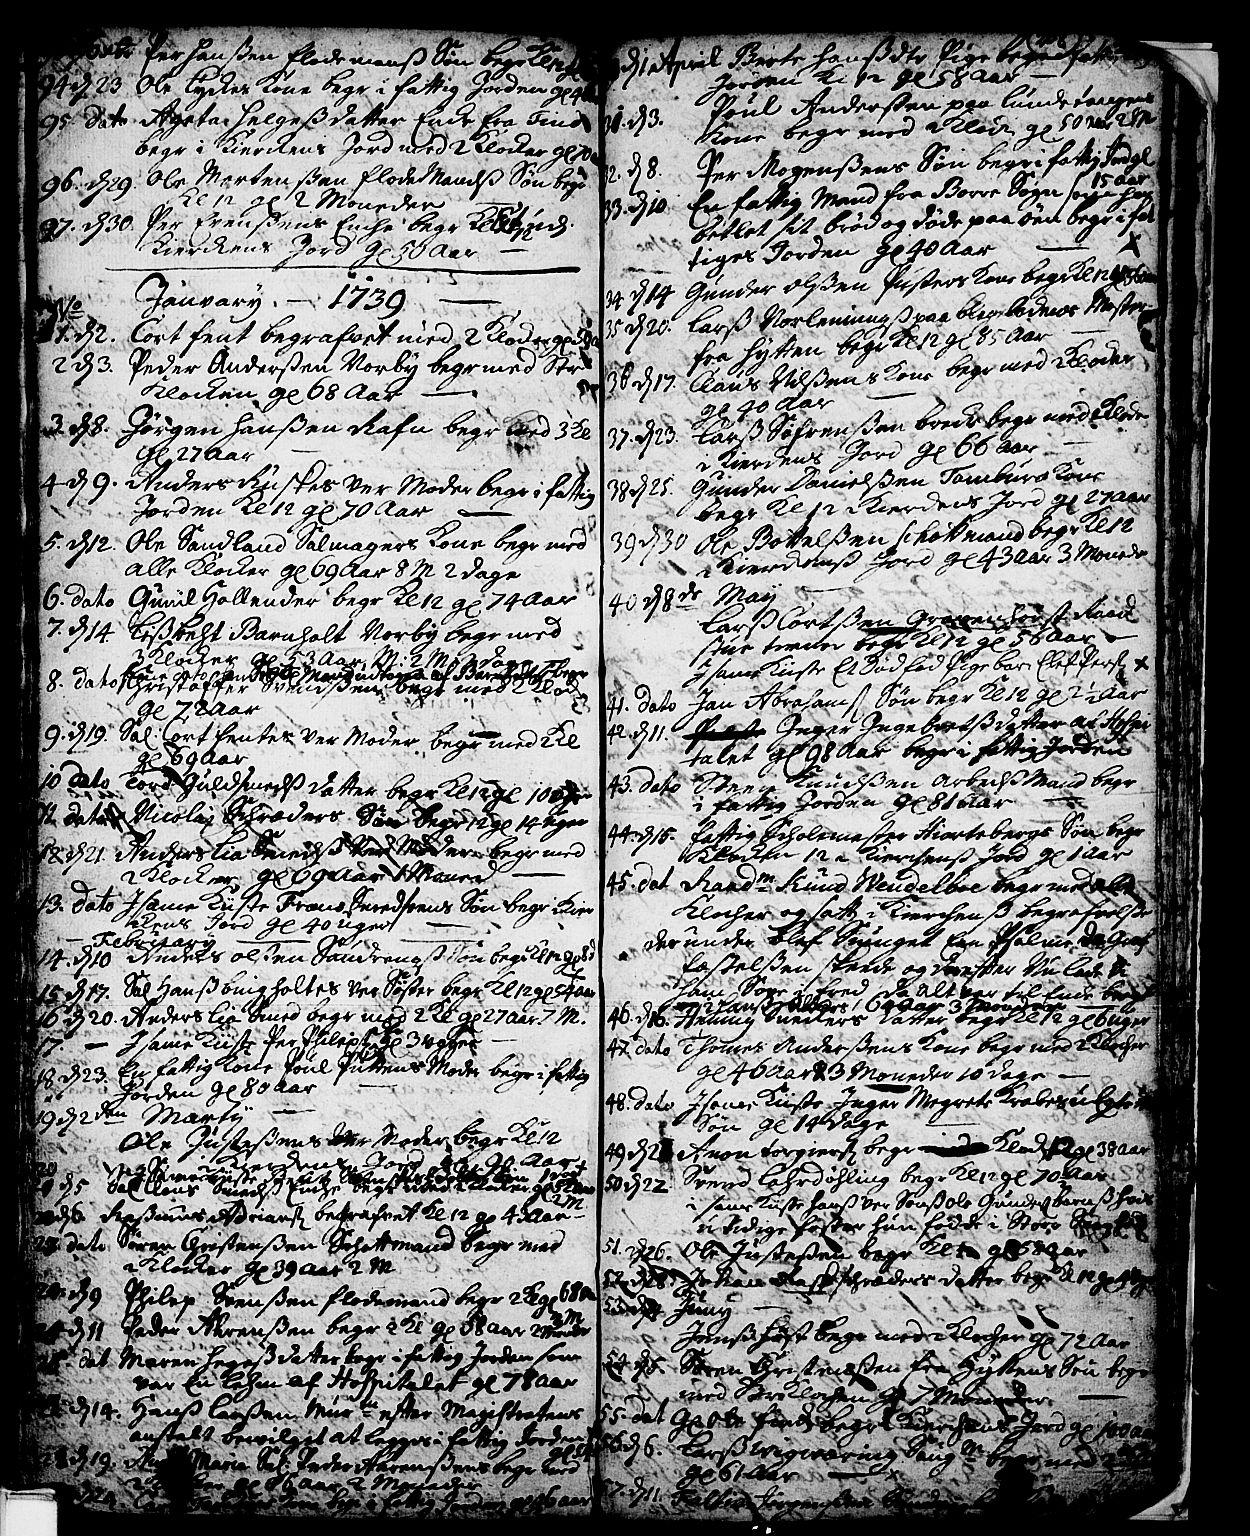 SAKO, Skien kirkebøker, F/Fa/L0002: Ministerialbok nr. 2, 1716-1757, s. 208